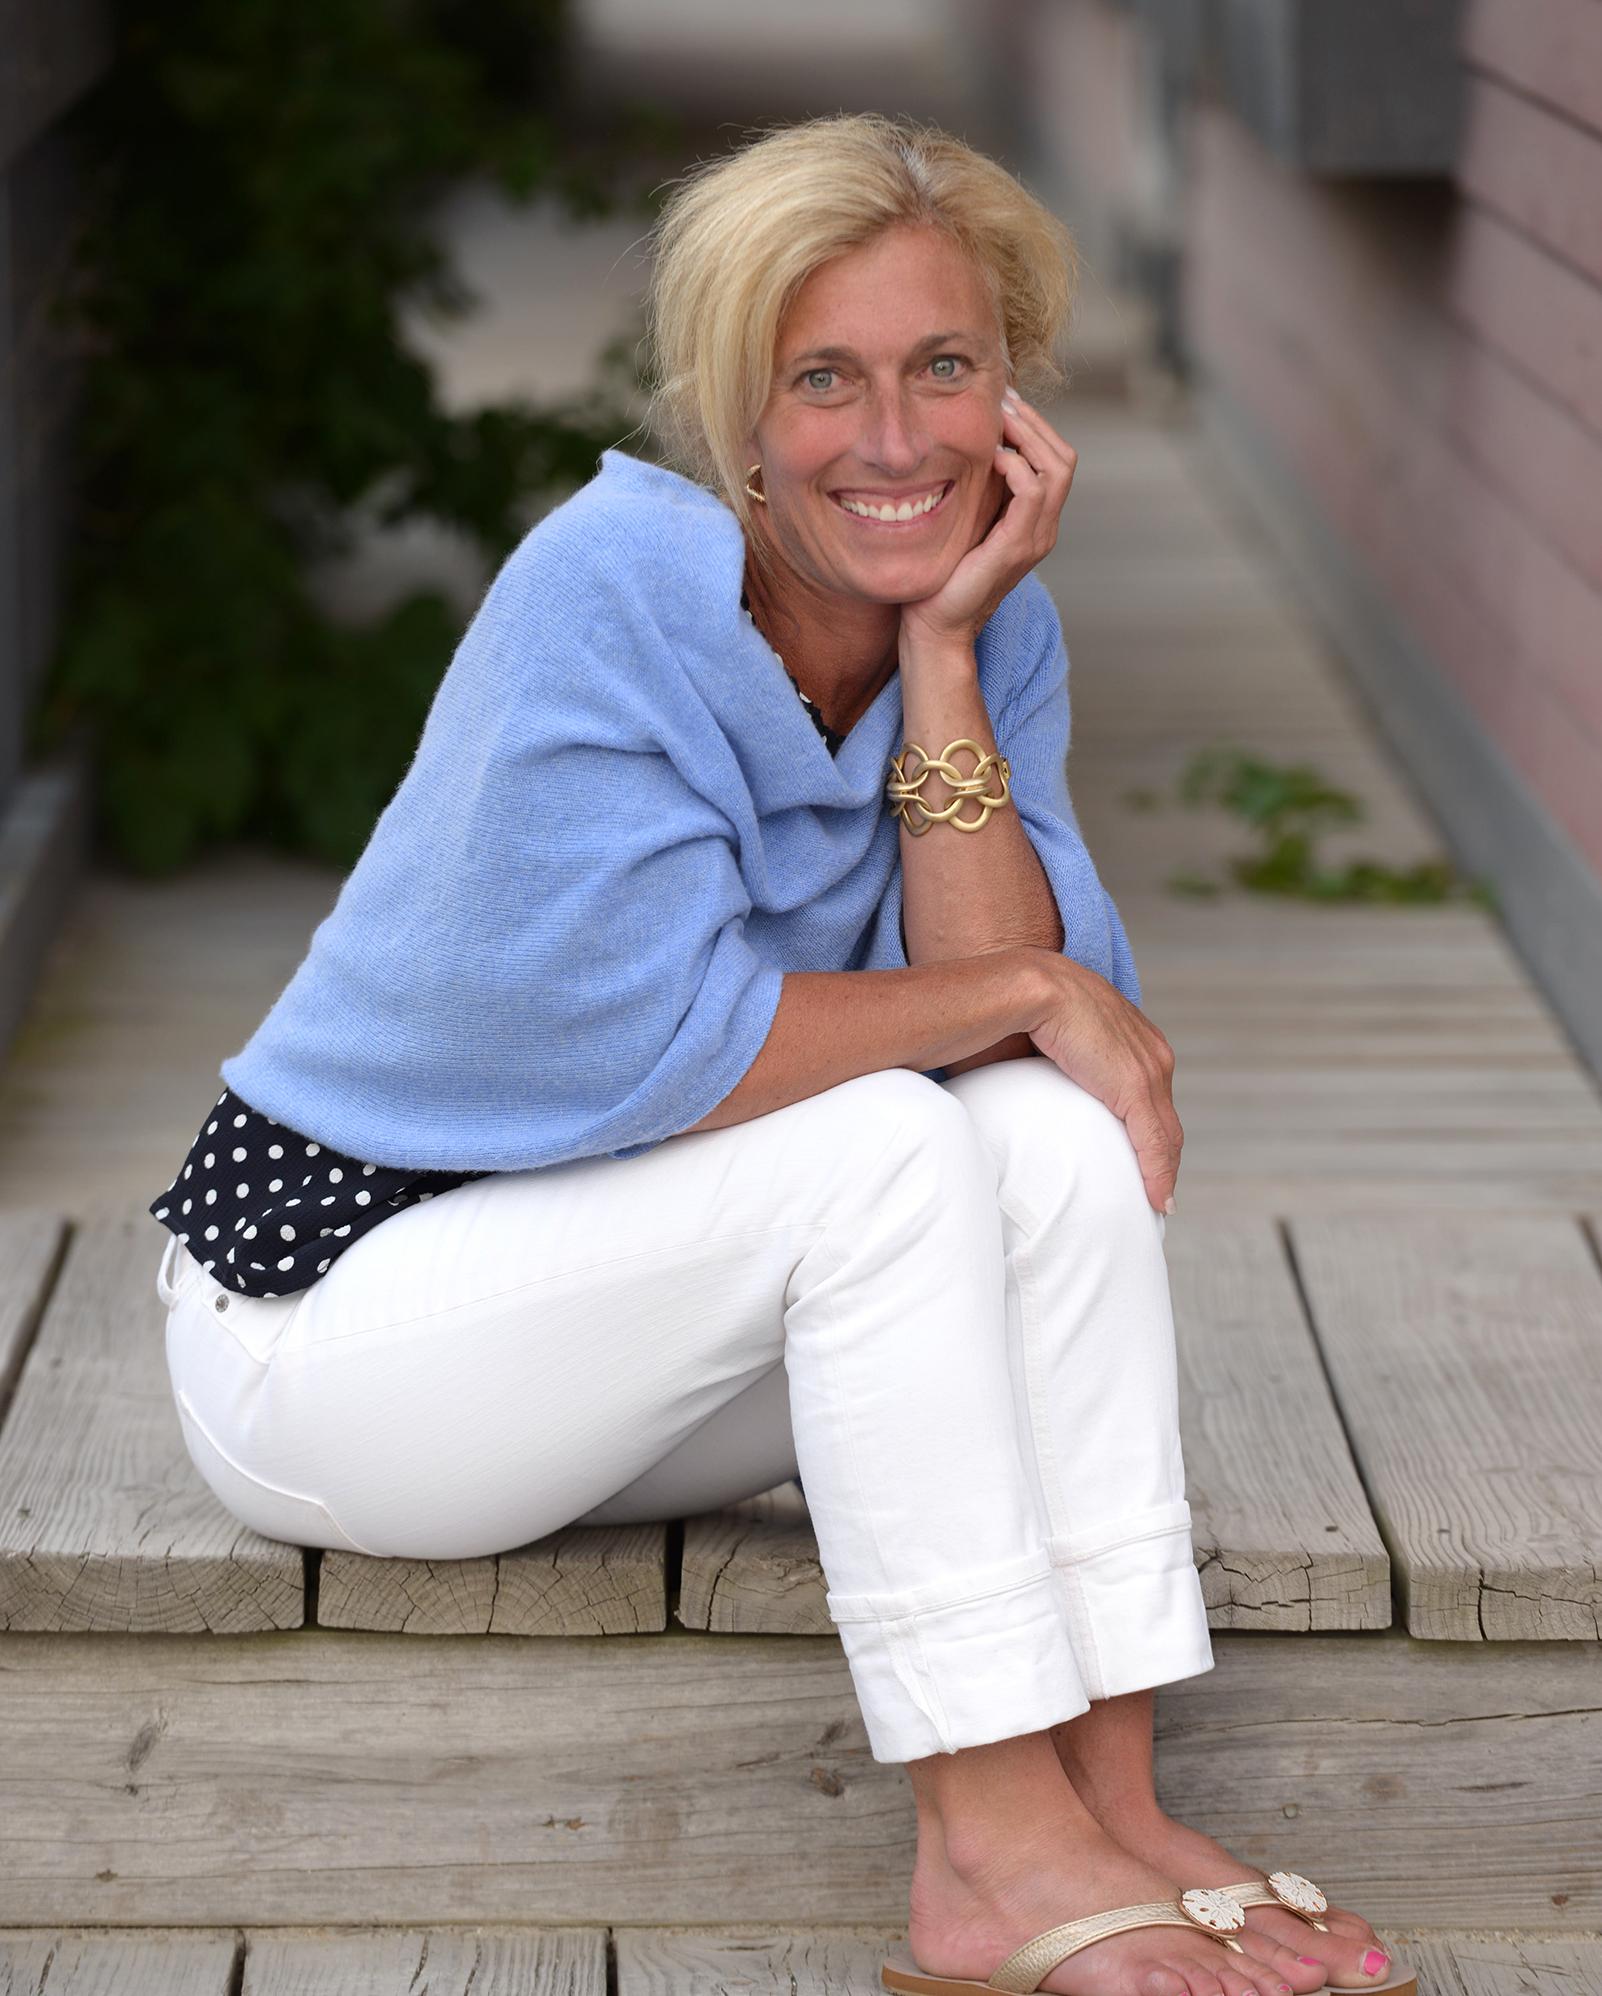 Katriena Devlin